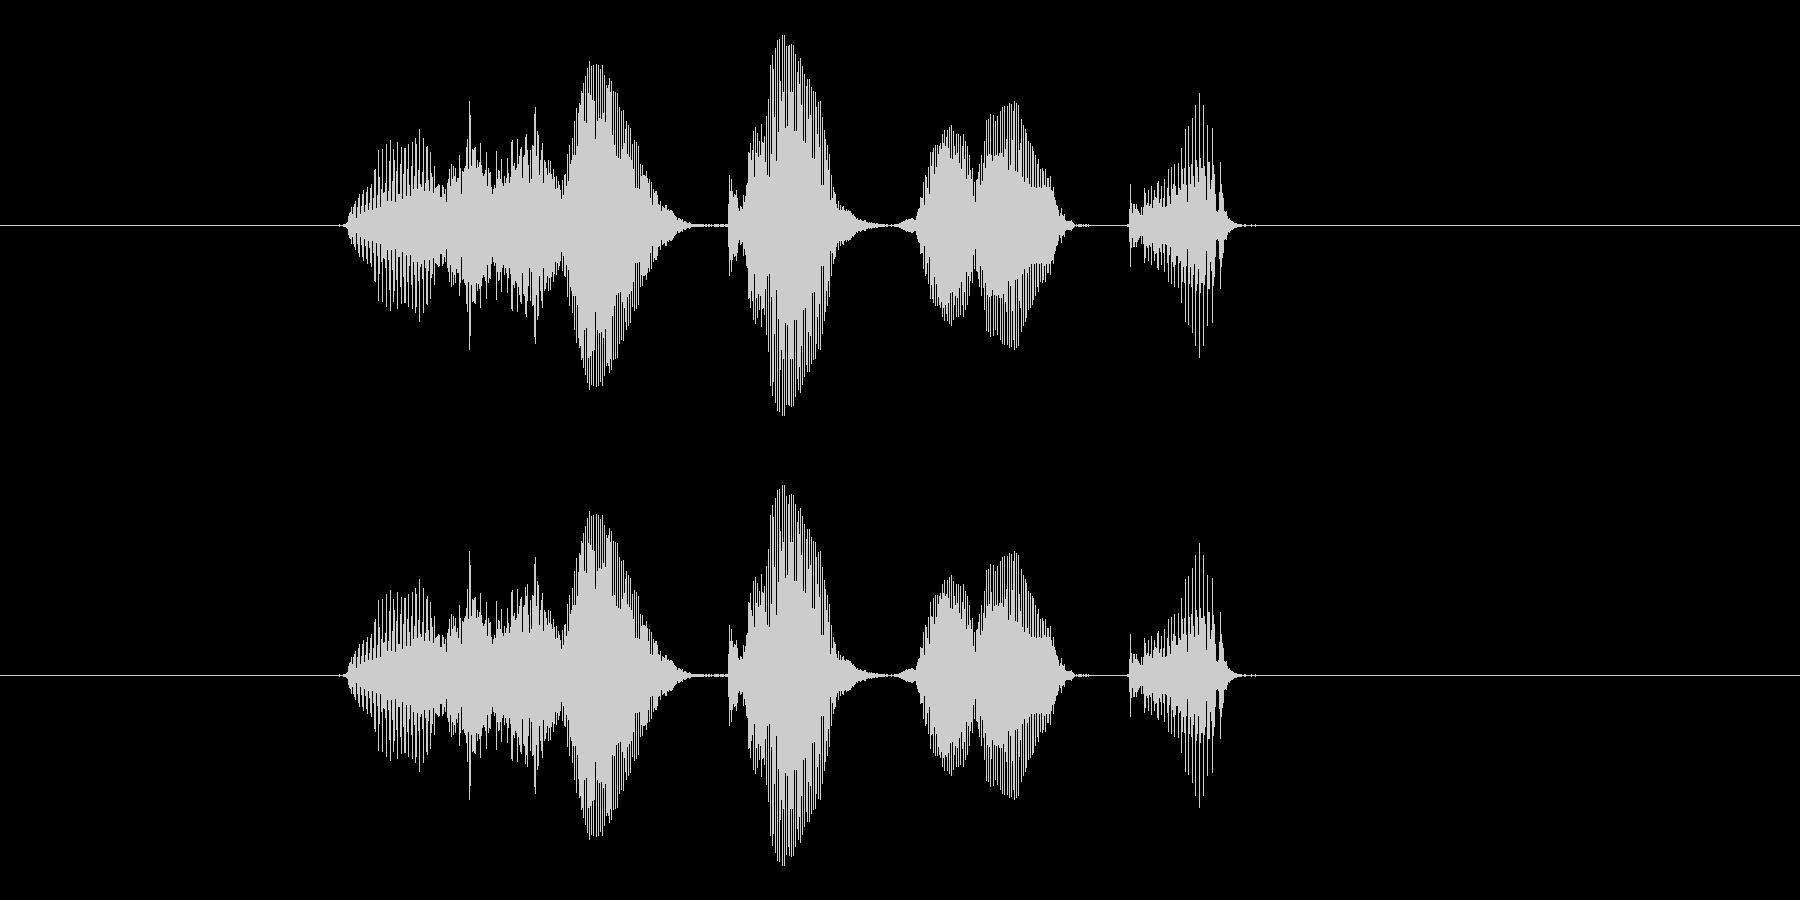 【システム】ミッションコンプリートの未再生の波形